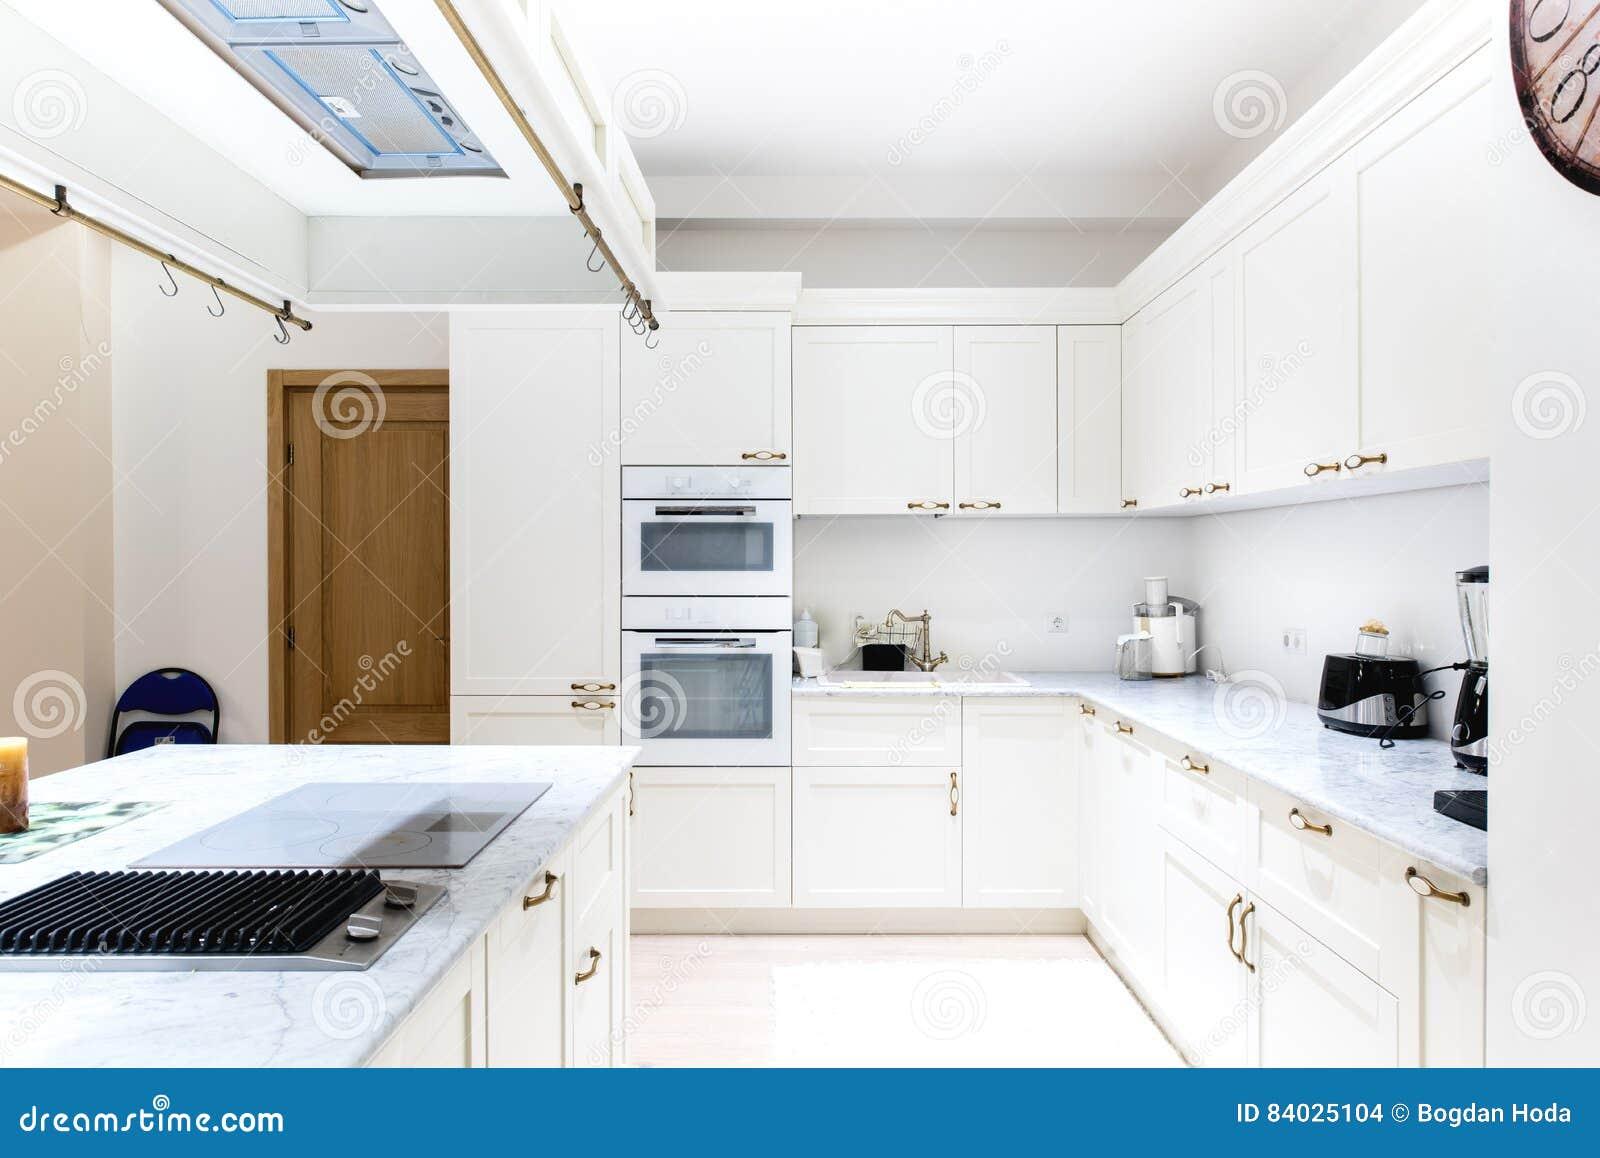 Luxueuze moderne keuken witte kabinetten houten meubilair in